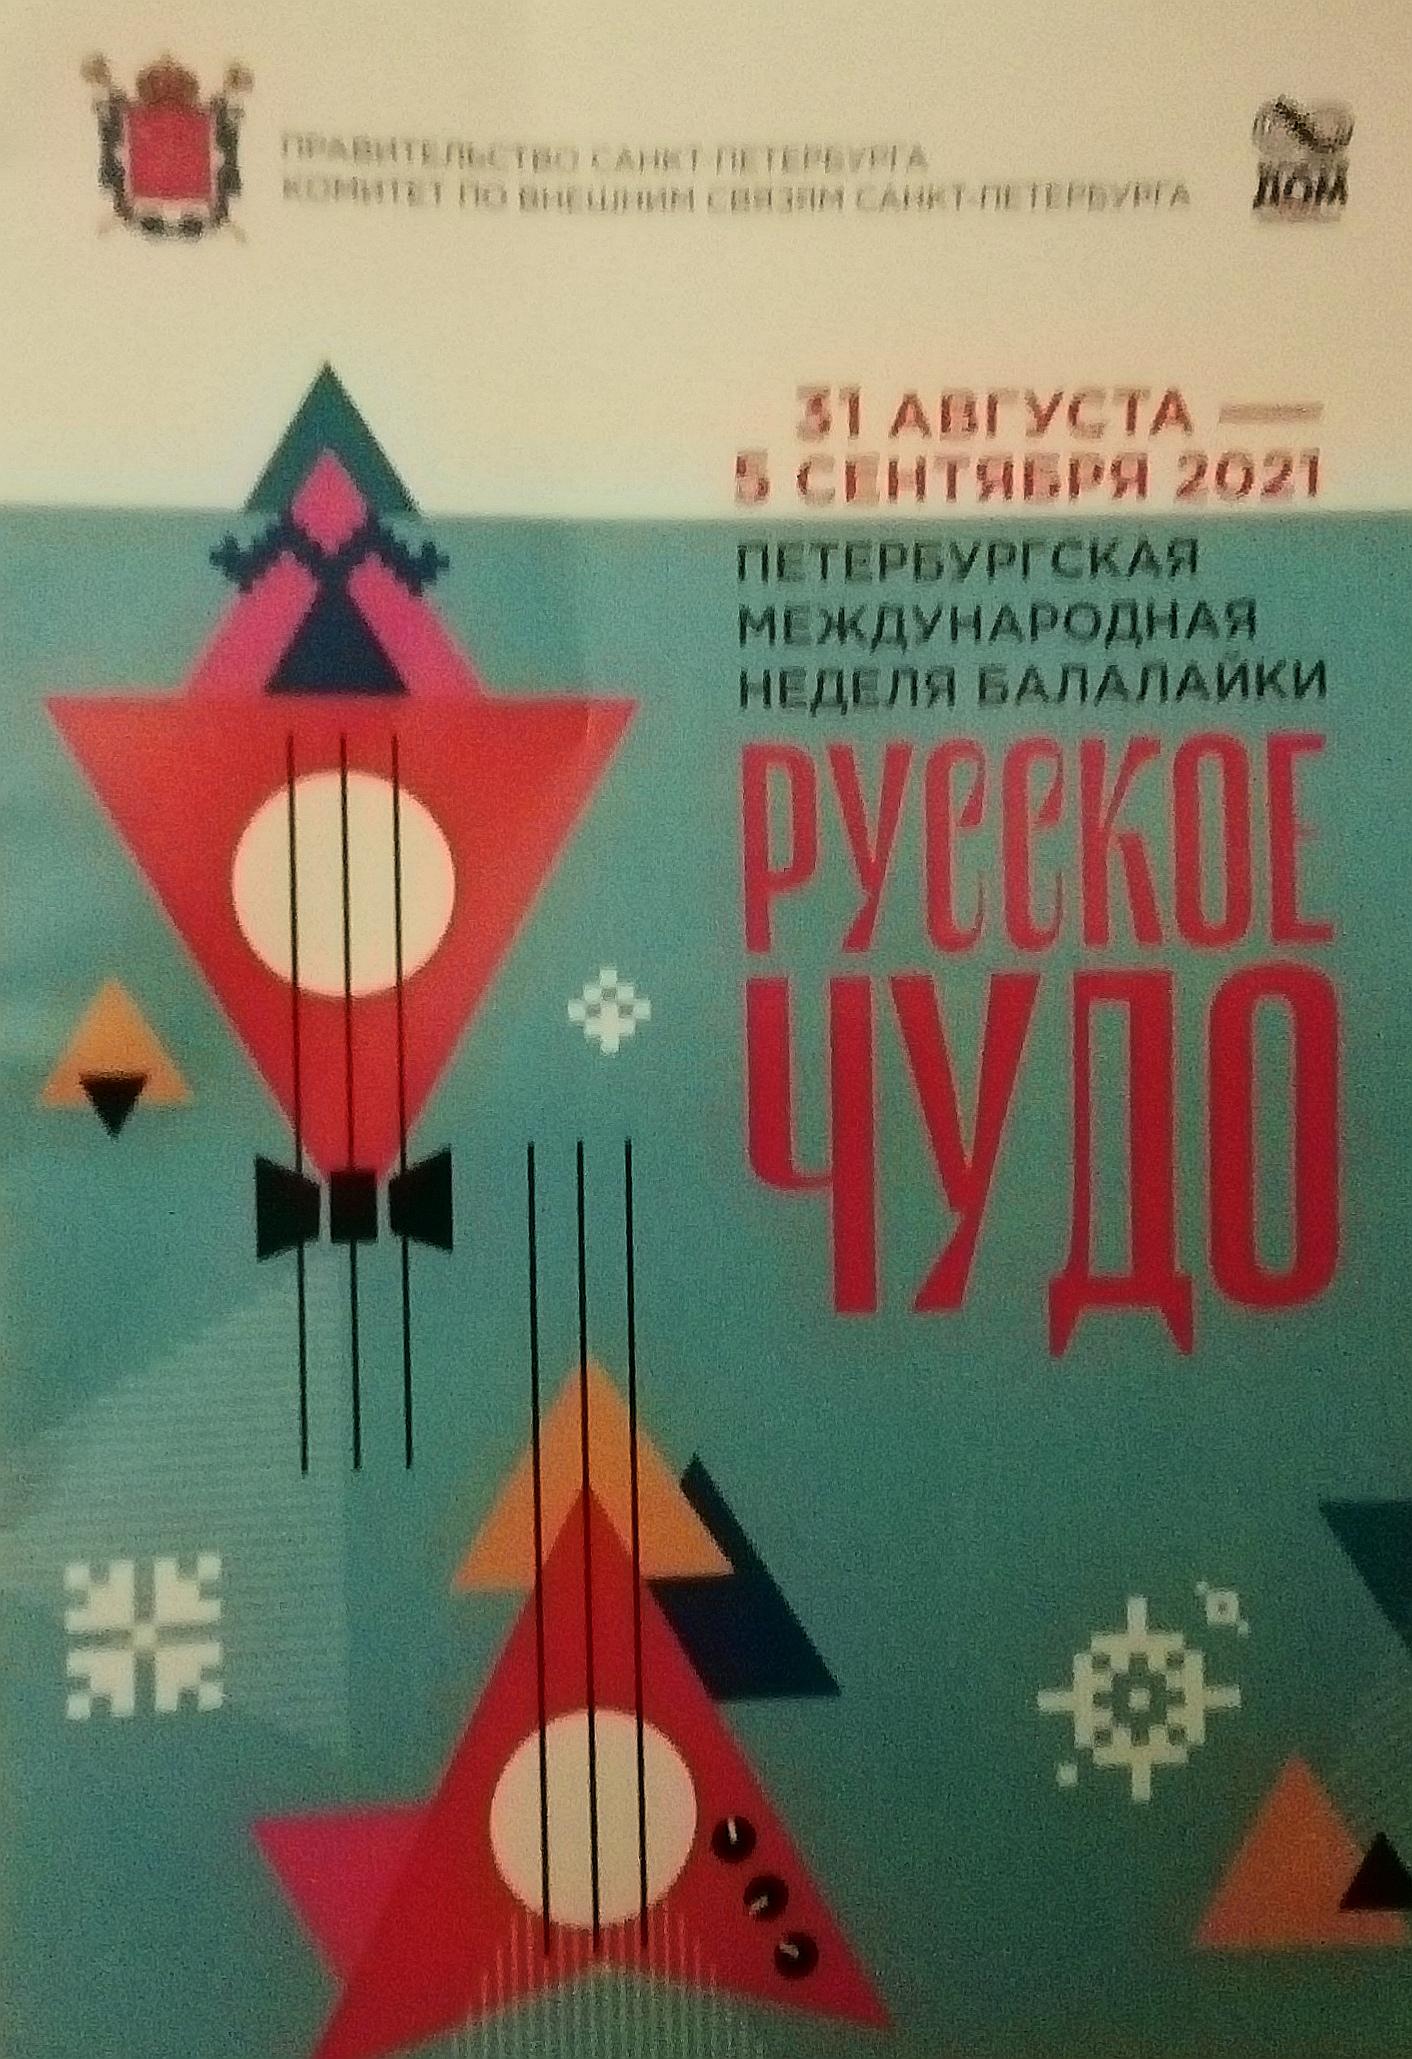 «Русское чудо» начинается в Санкт-Петербурге